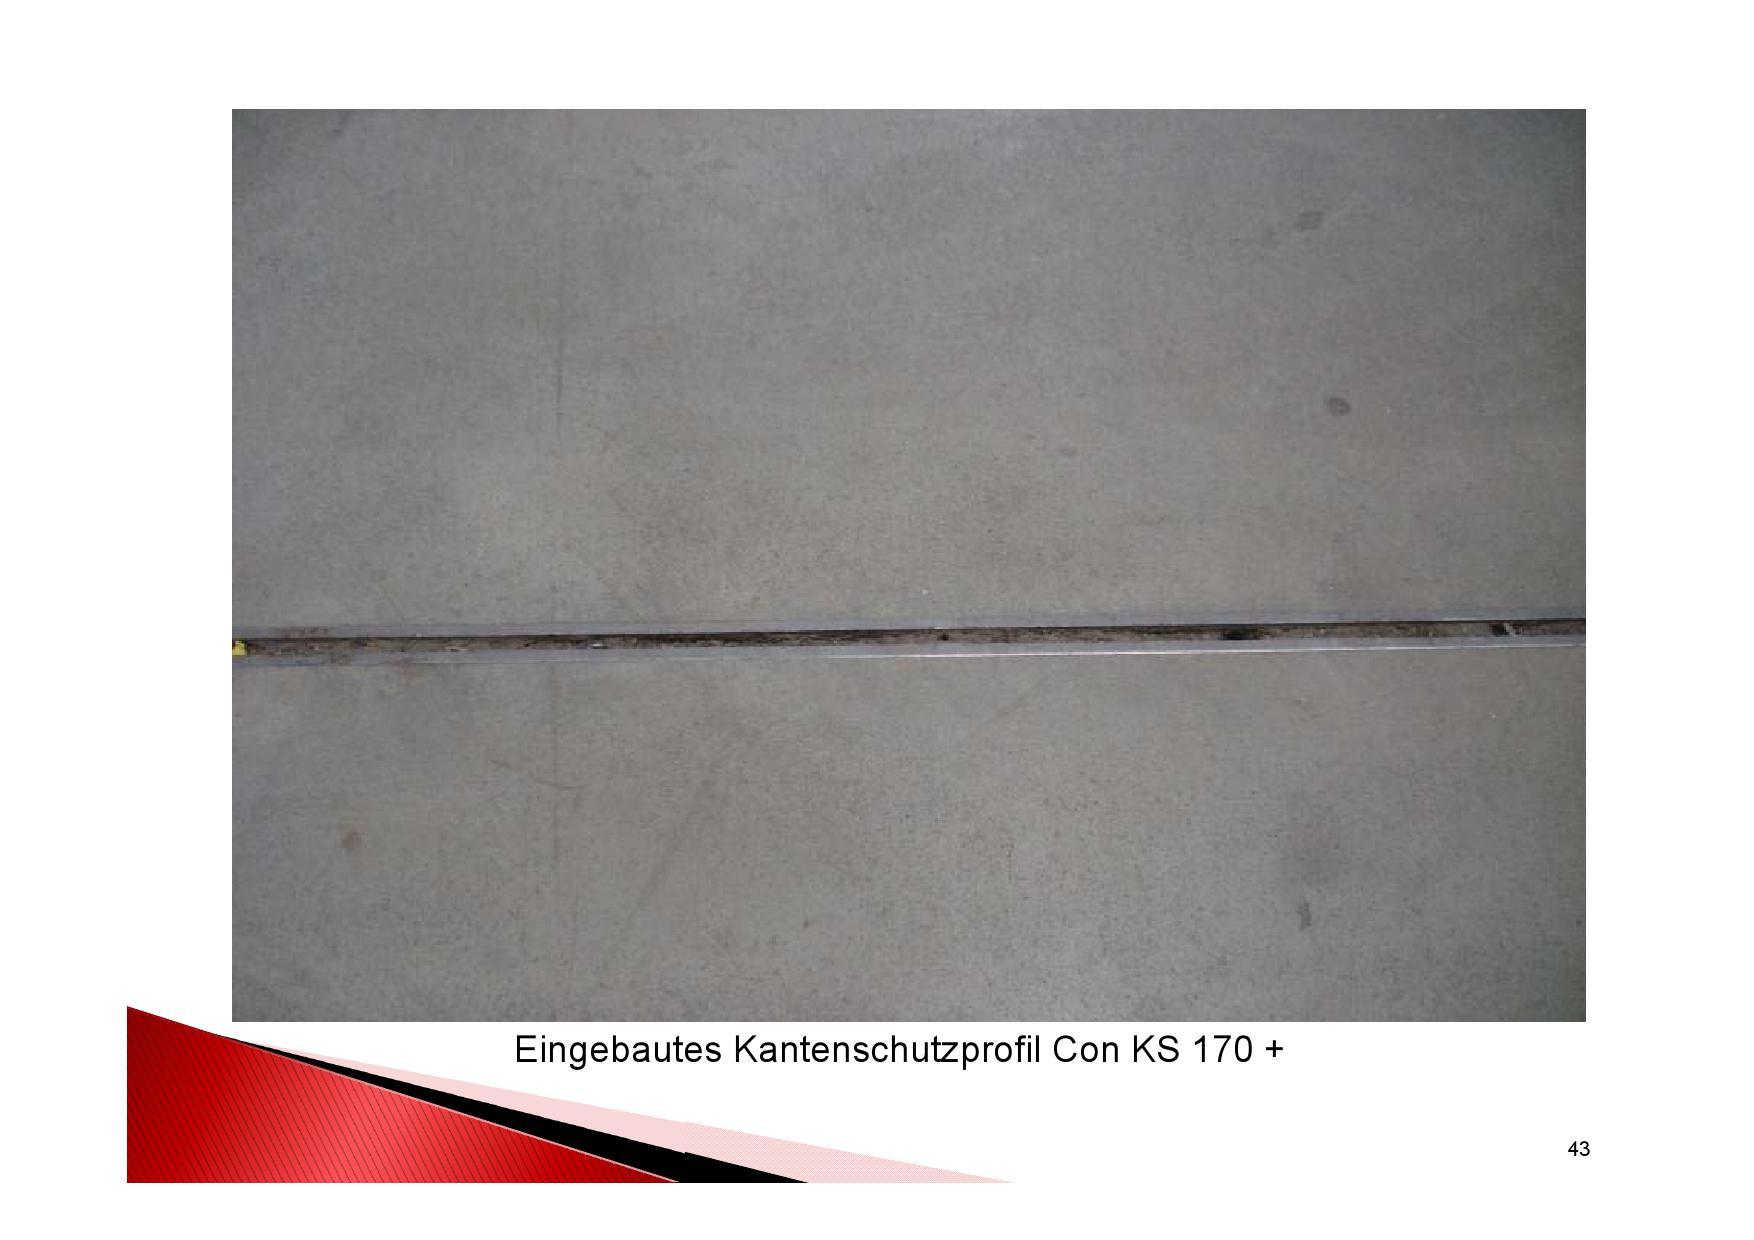 Industrieboden Herstellung: Eingebautes Kantenschutzprofil Con KS 170+